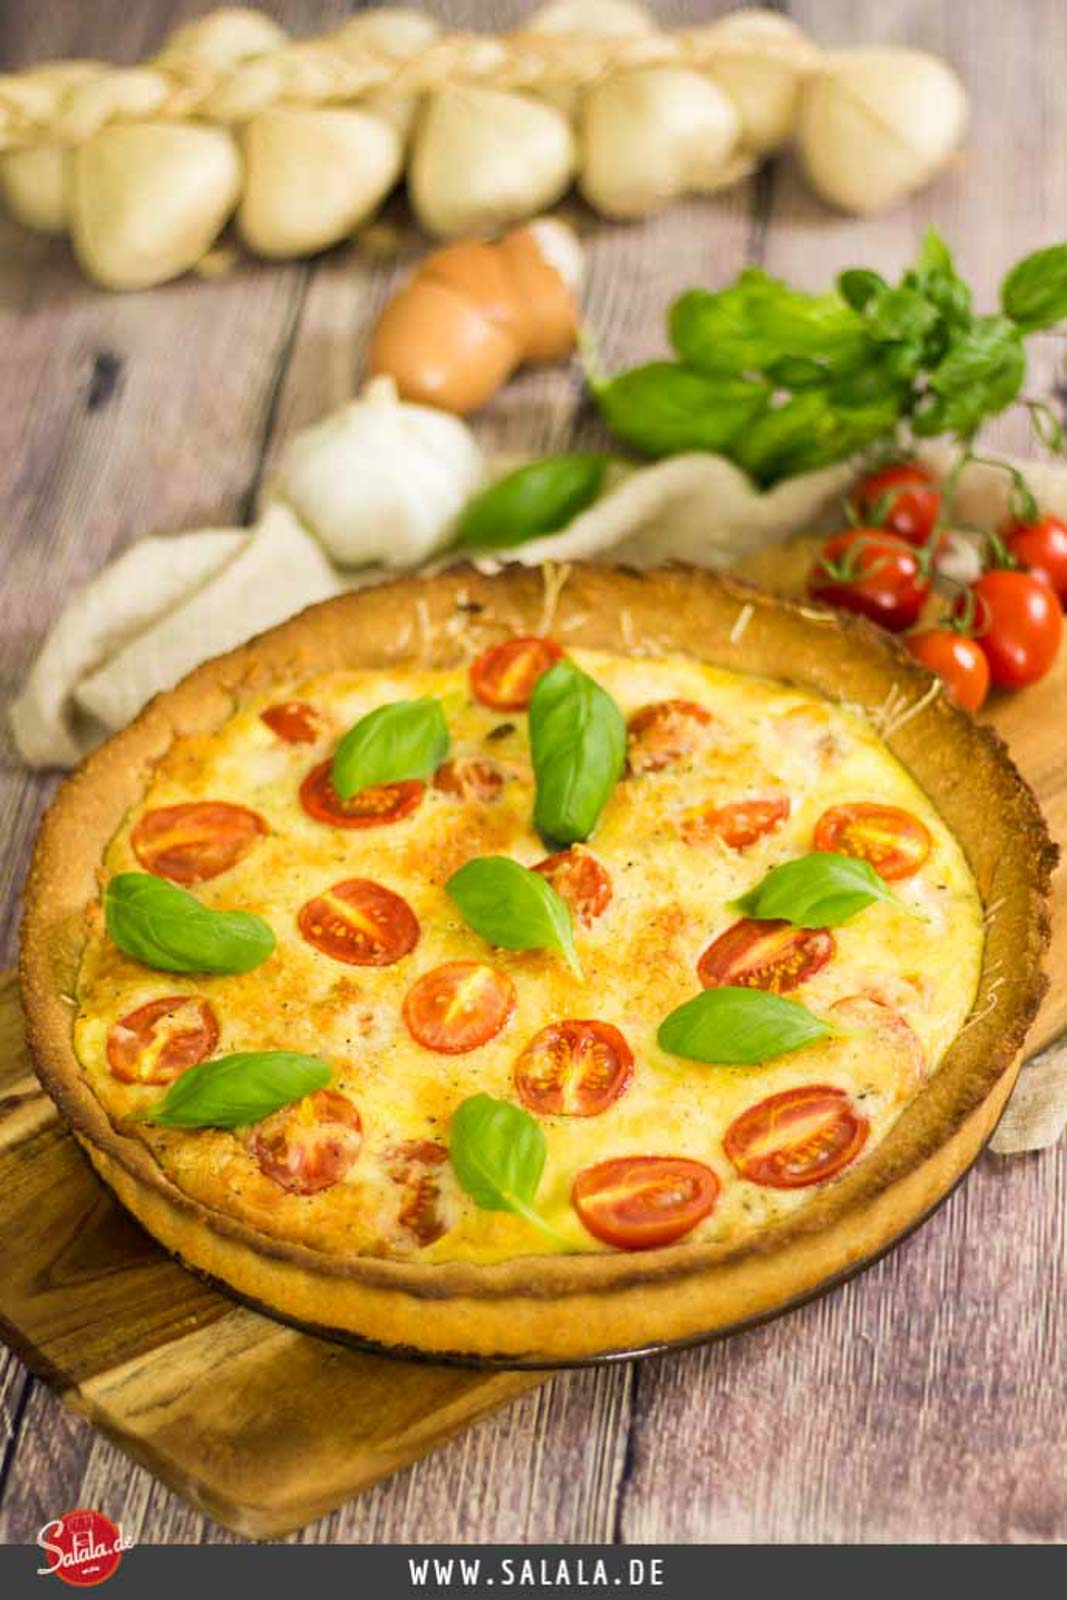 Low Carb Lachs-Quiche - by salala.de - Low Carb Rezept einfach selbermachen mit Tomaten